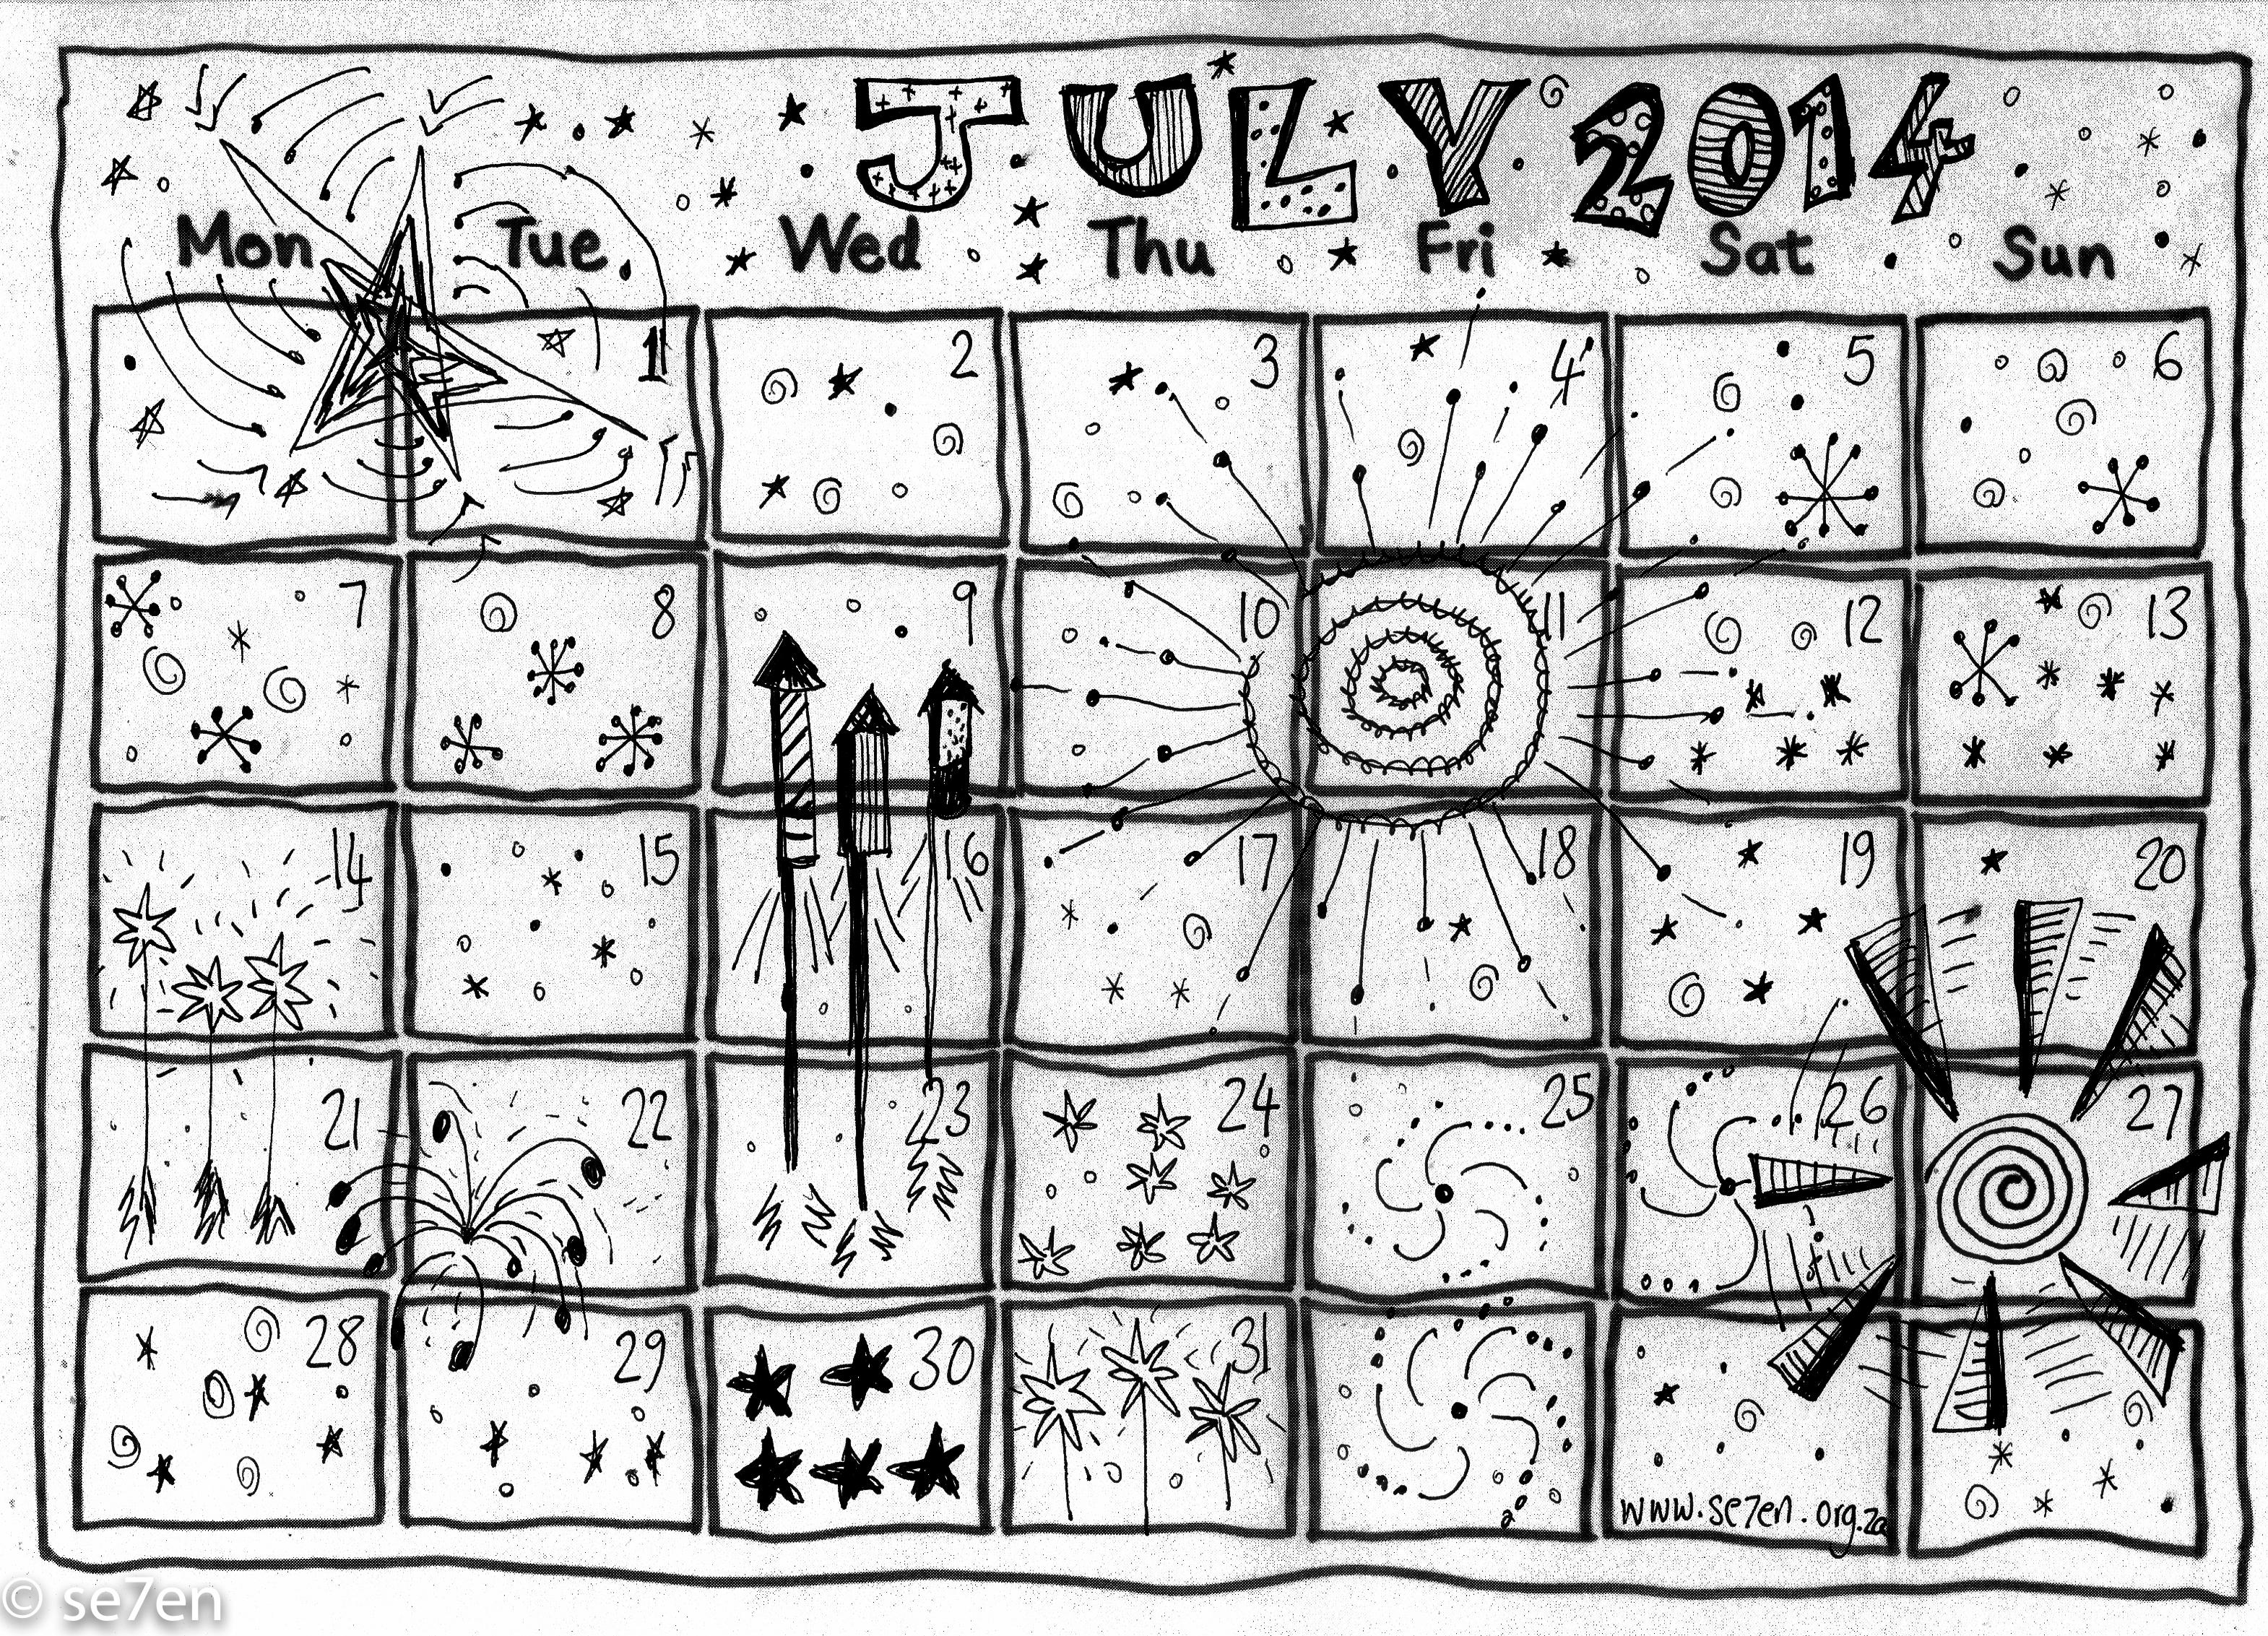 se7en-03-Jul-14-July 2014001.jpg